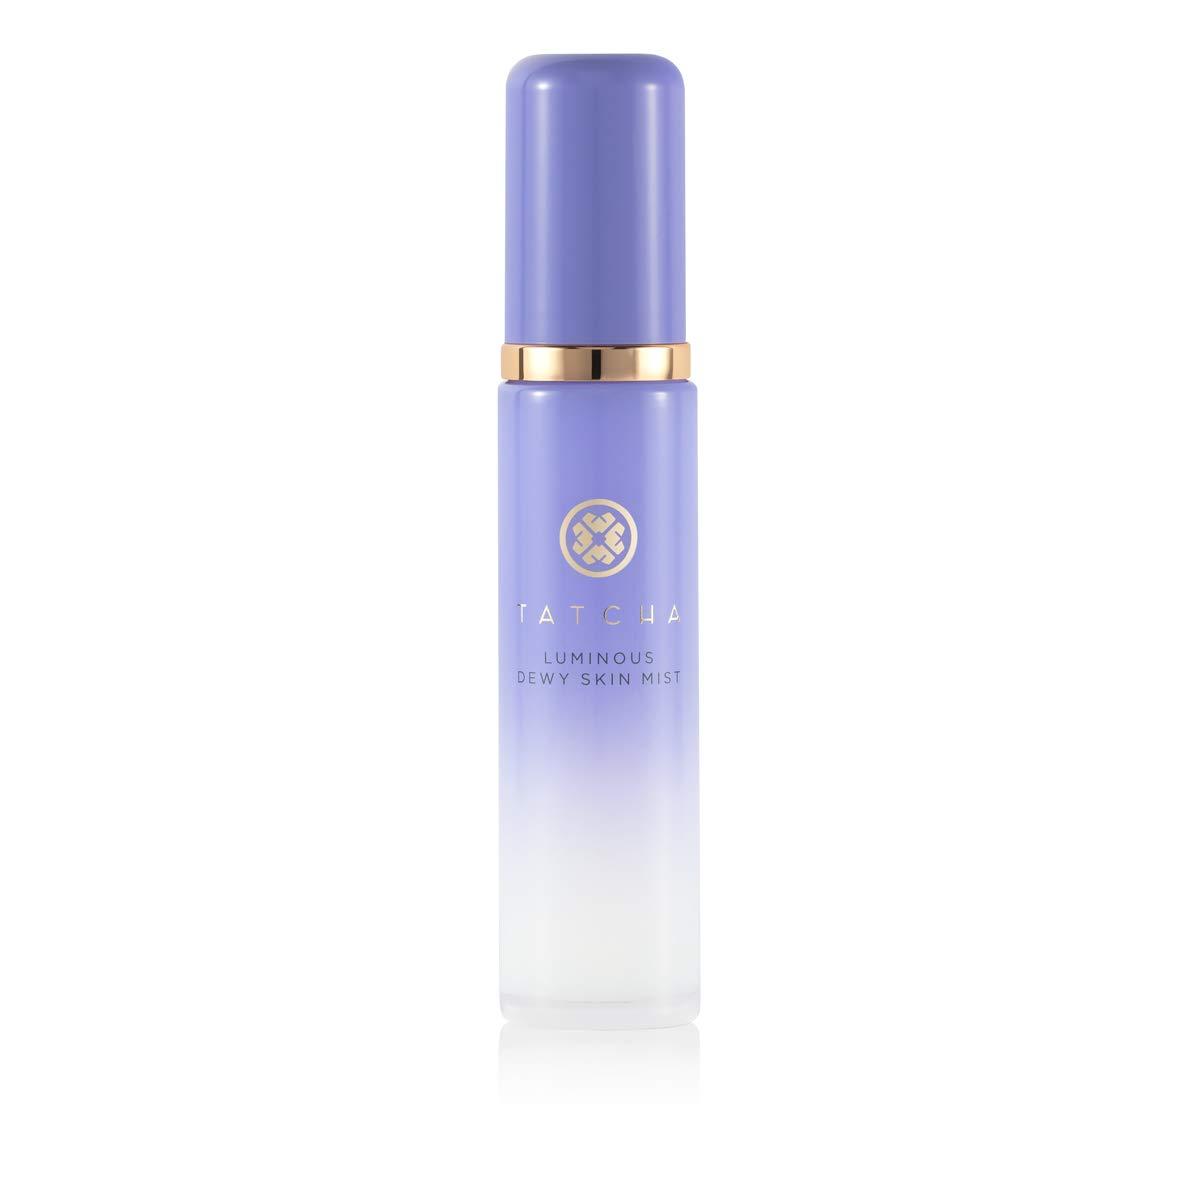 Tatcha Luminous Dewy Skin Mist: Silky Spray Mist Moisturizer to Add Hydrated Glow to all Skin Types - 40 ml | 1.35 oz